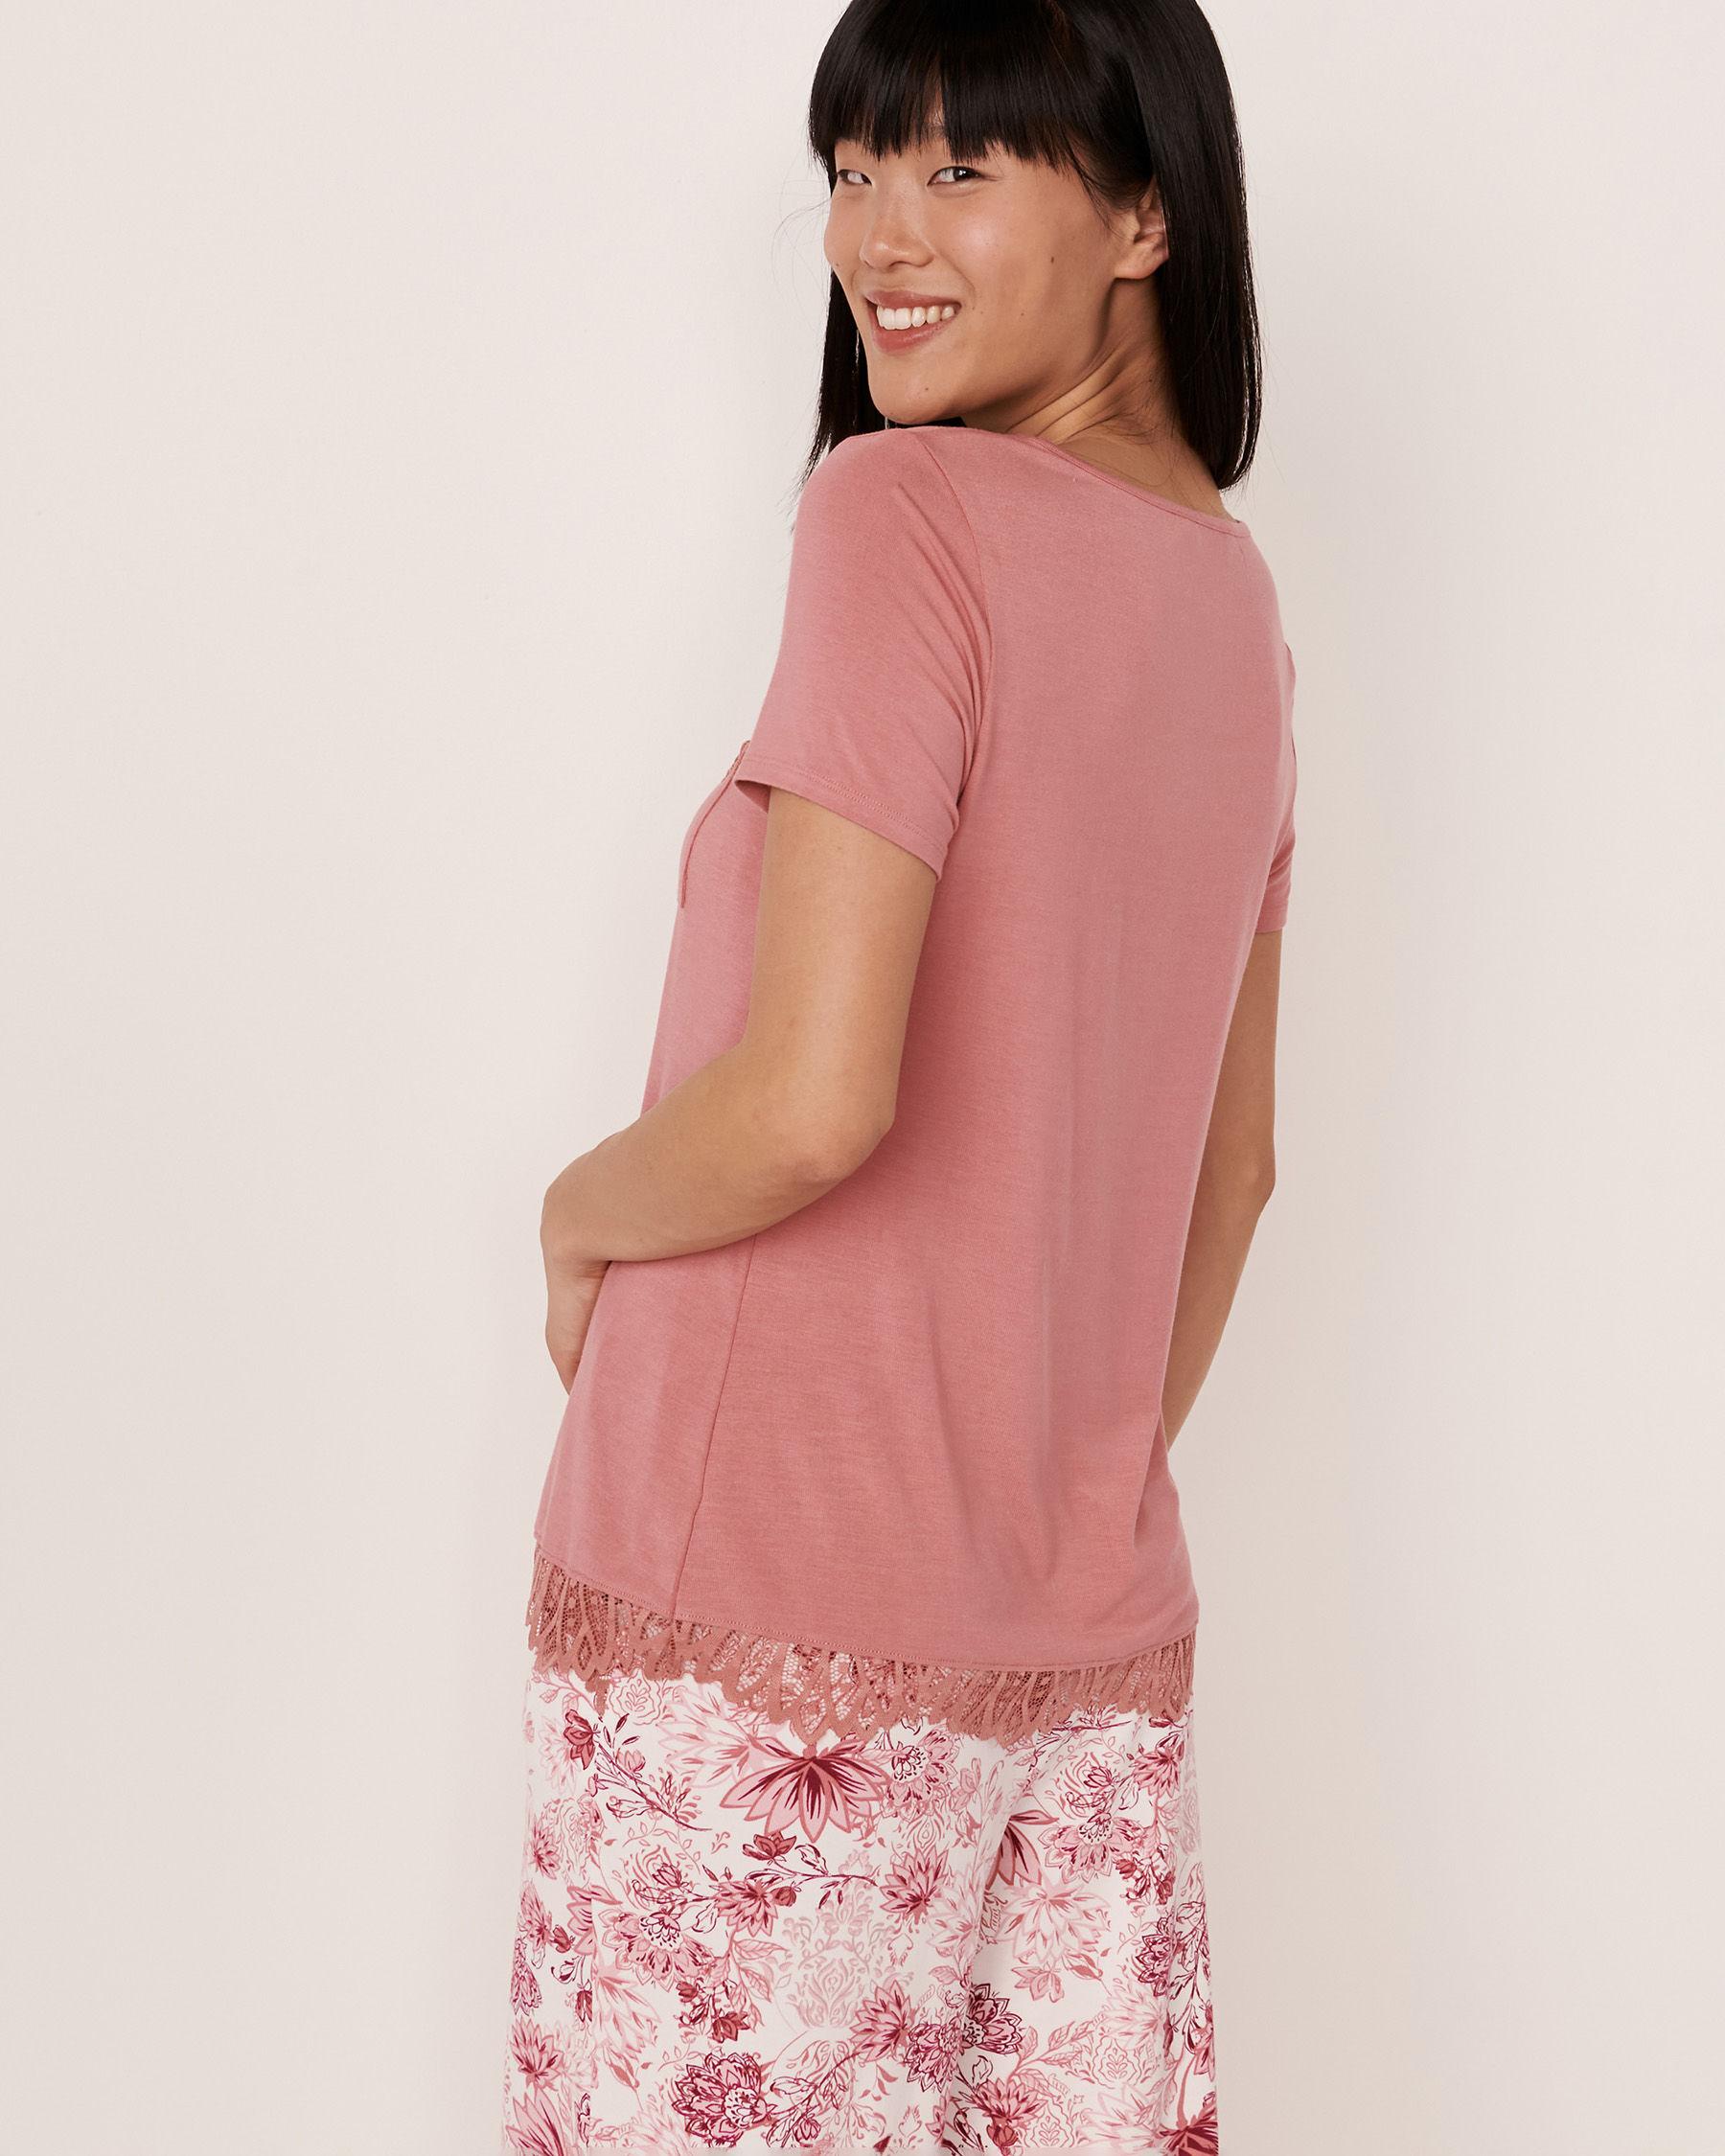 LA VIE EN ROSE Chandail manches courtes garniture de dentelle en modal Vieux rose 40100081 - Voir2